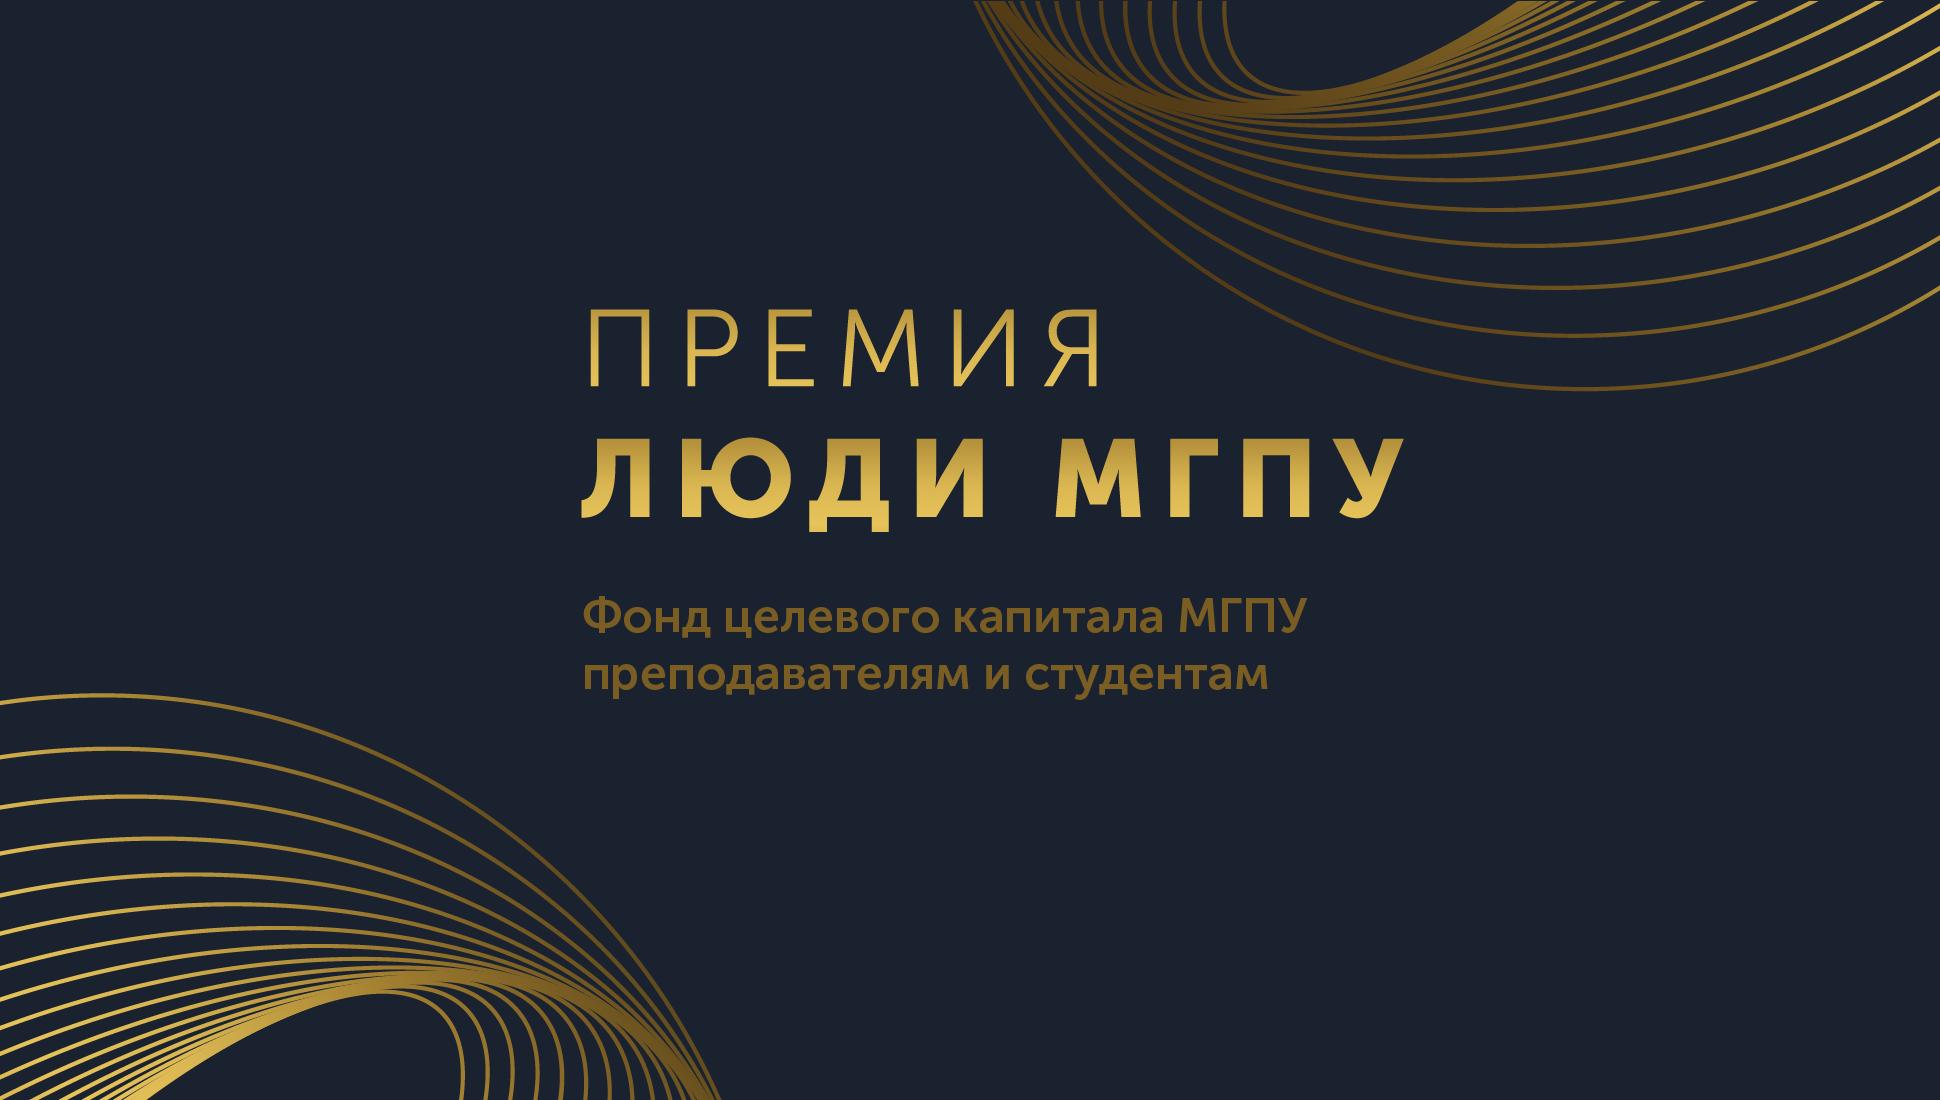 Премия «Люди МГПУ»